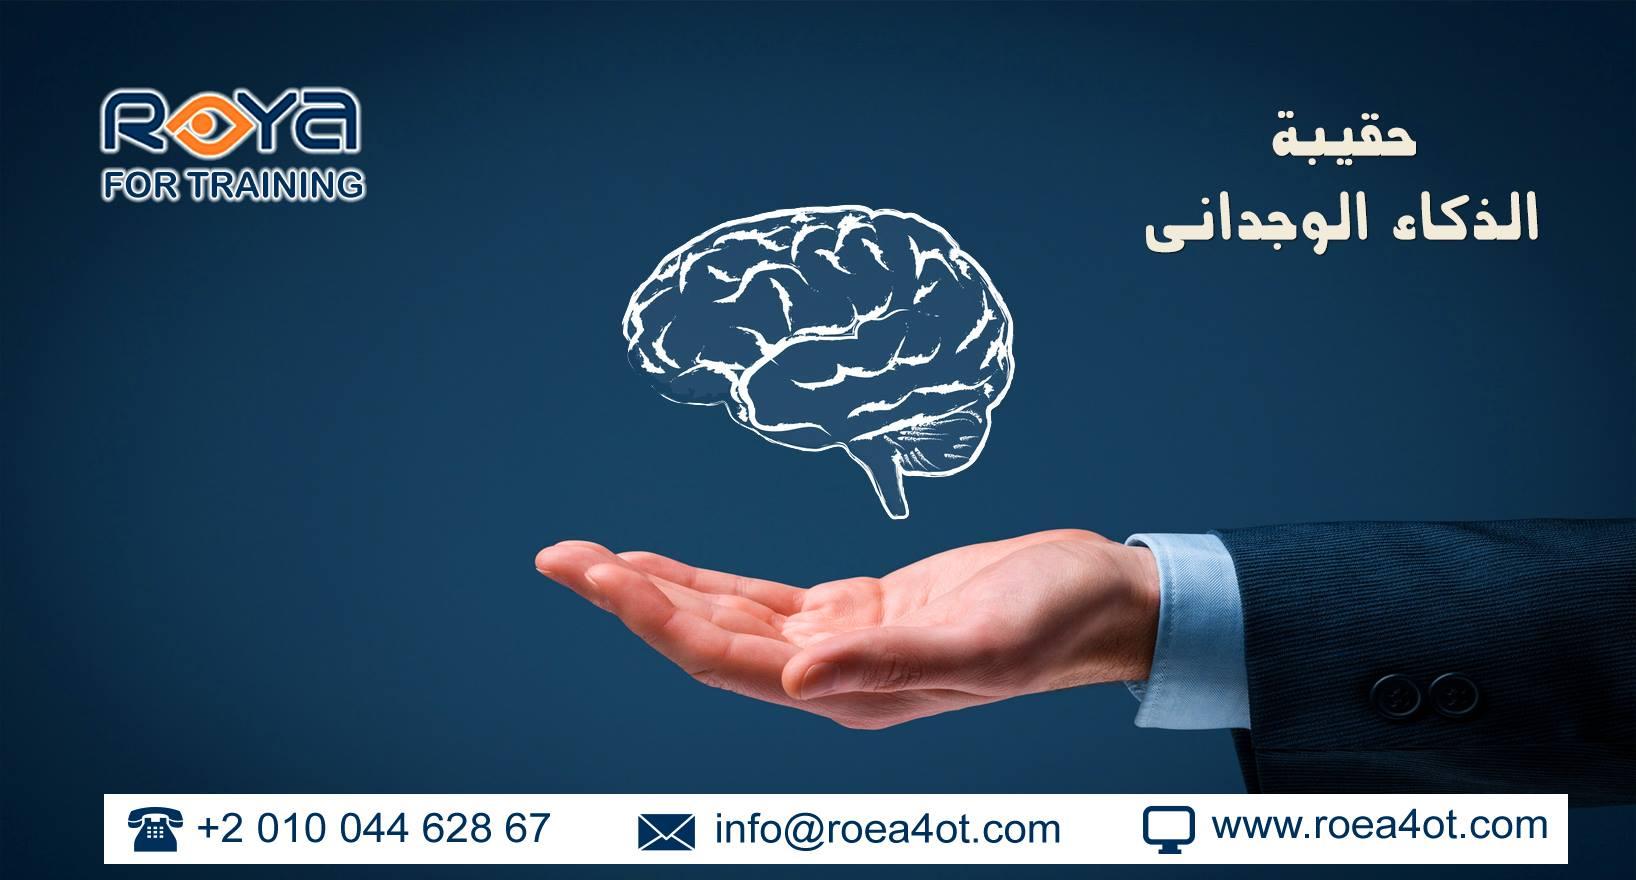 ,الذكاء الوجدانى ,  الذكاء الوجدانى عند الاطفال  مكونات الذكاء الوجداني  الذكاء الوجداني , ابعاد الذكاء الوجداني , مقياس الذكاء الوجداني,  اختبار الذكاء الوجداني ,حقيبة,الذكاء الوجداني